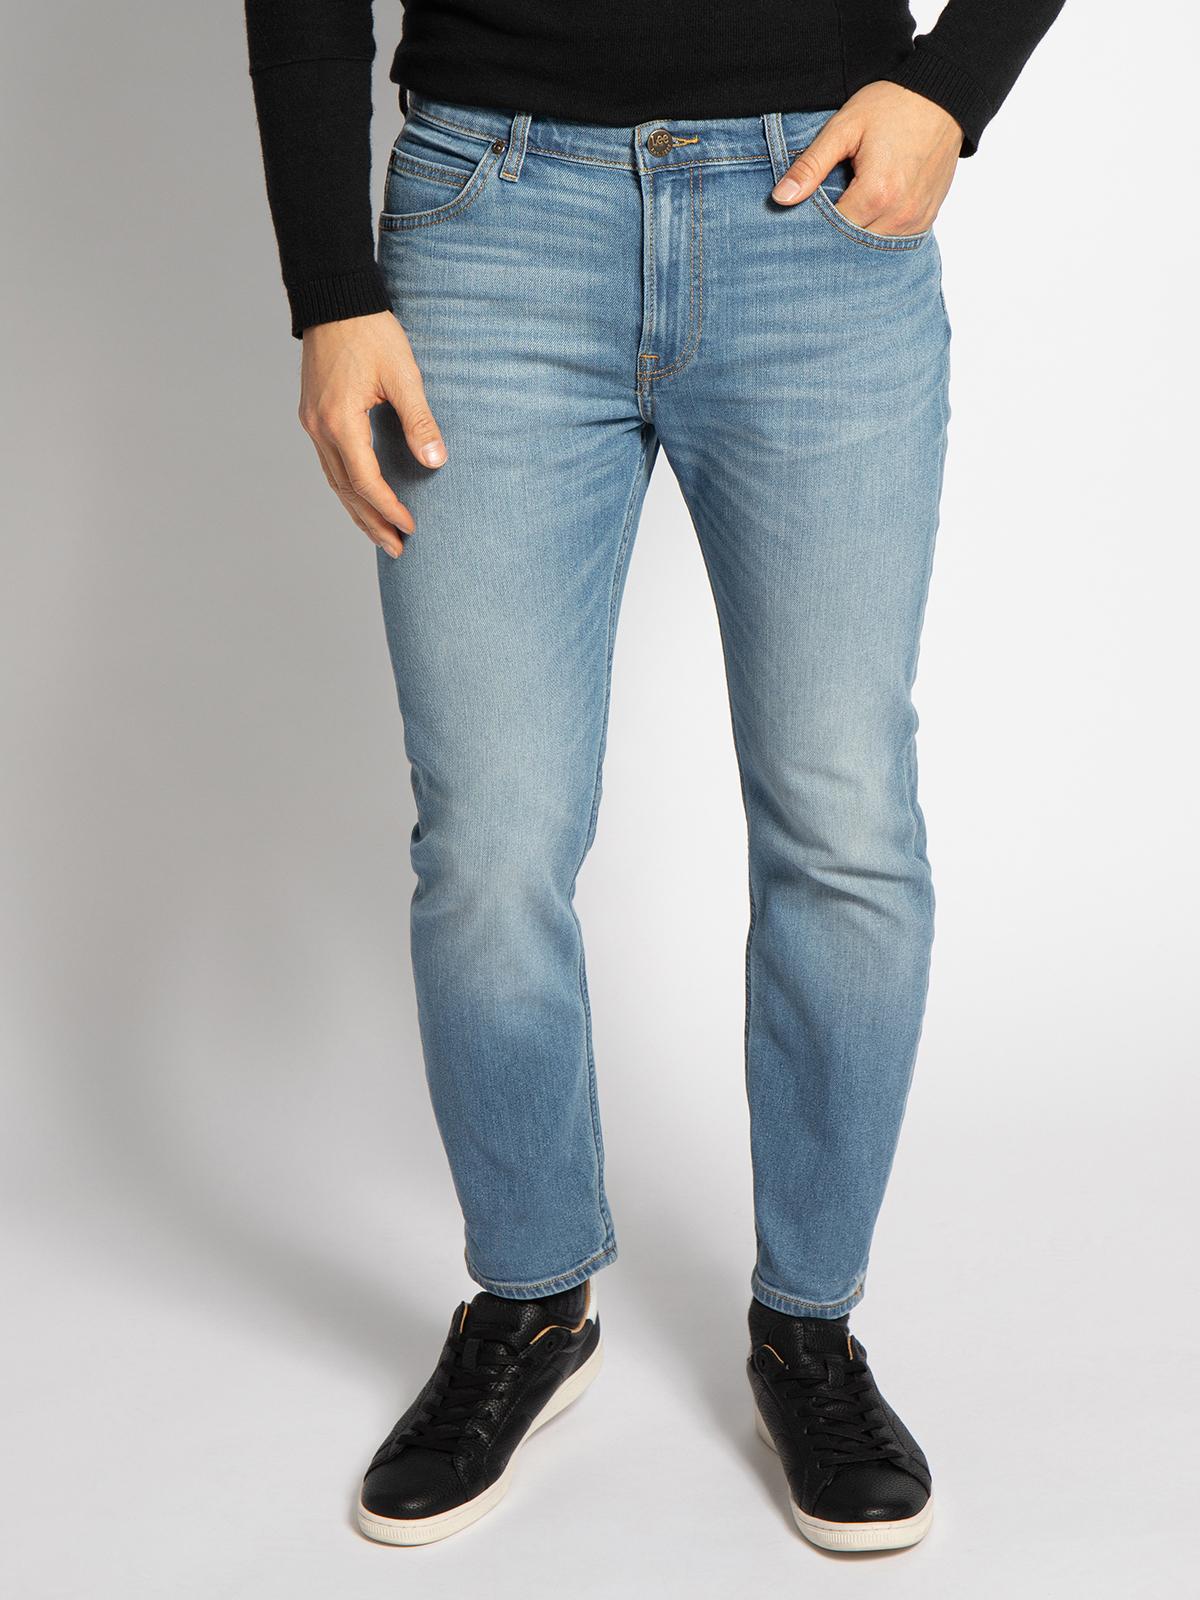 Lee Rider Jeans in blau für Herren, Größe: 36-34